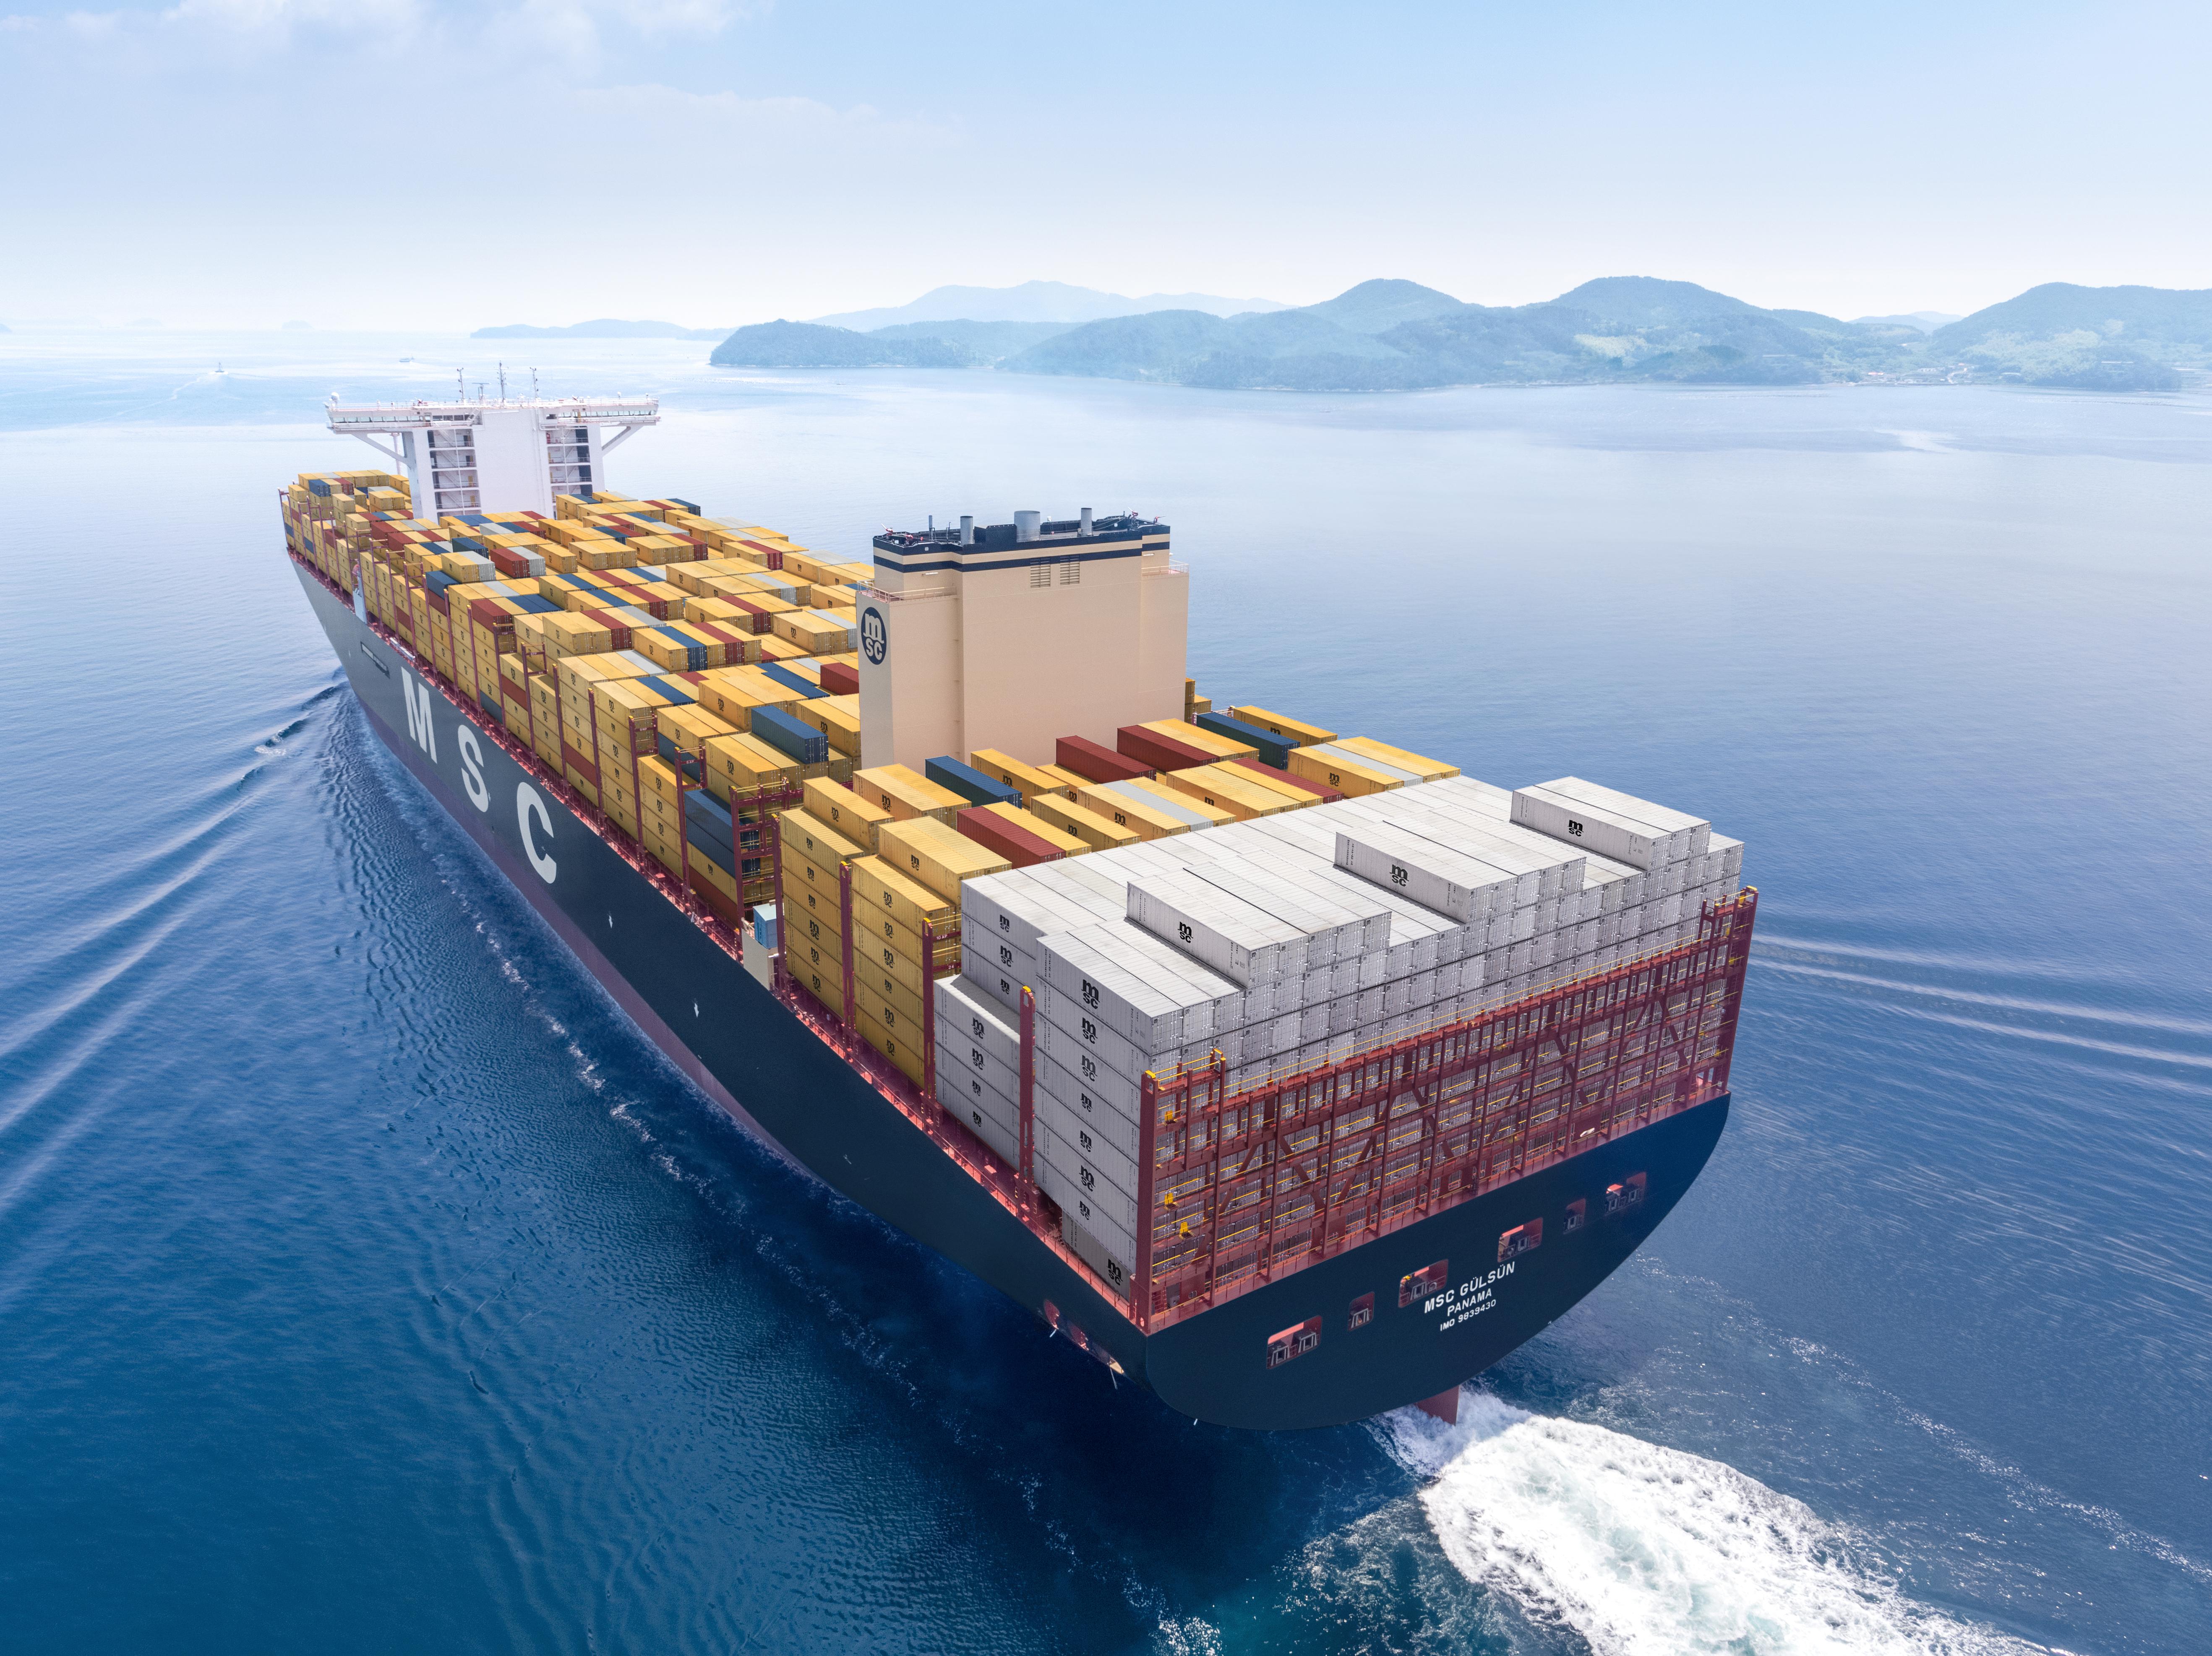 MSC Gulsun, teu, containerschip